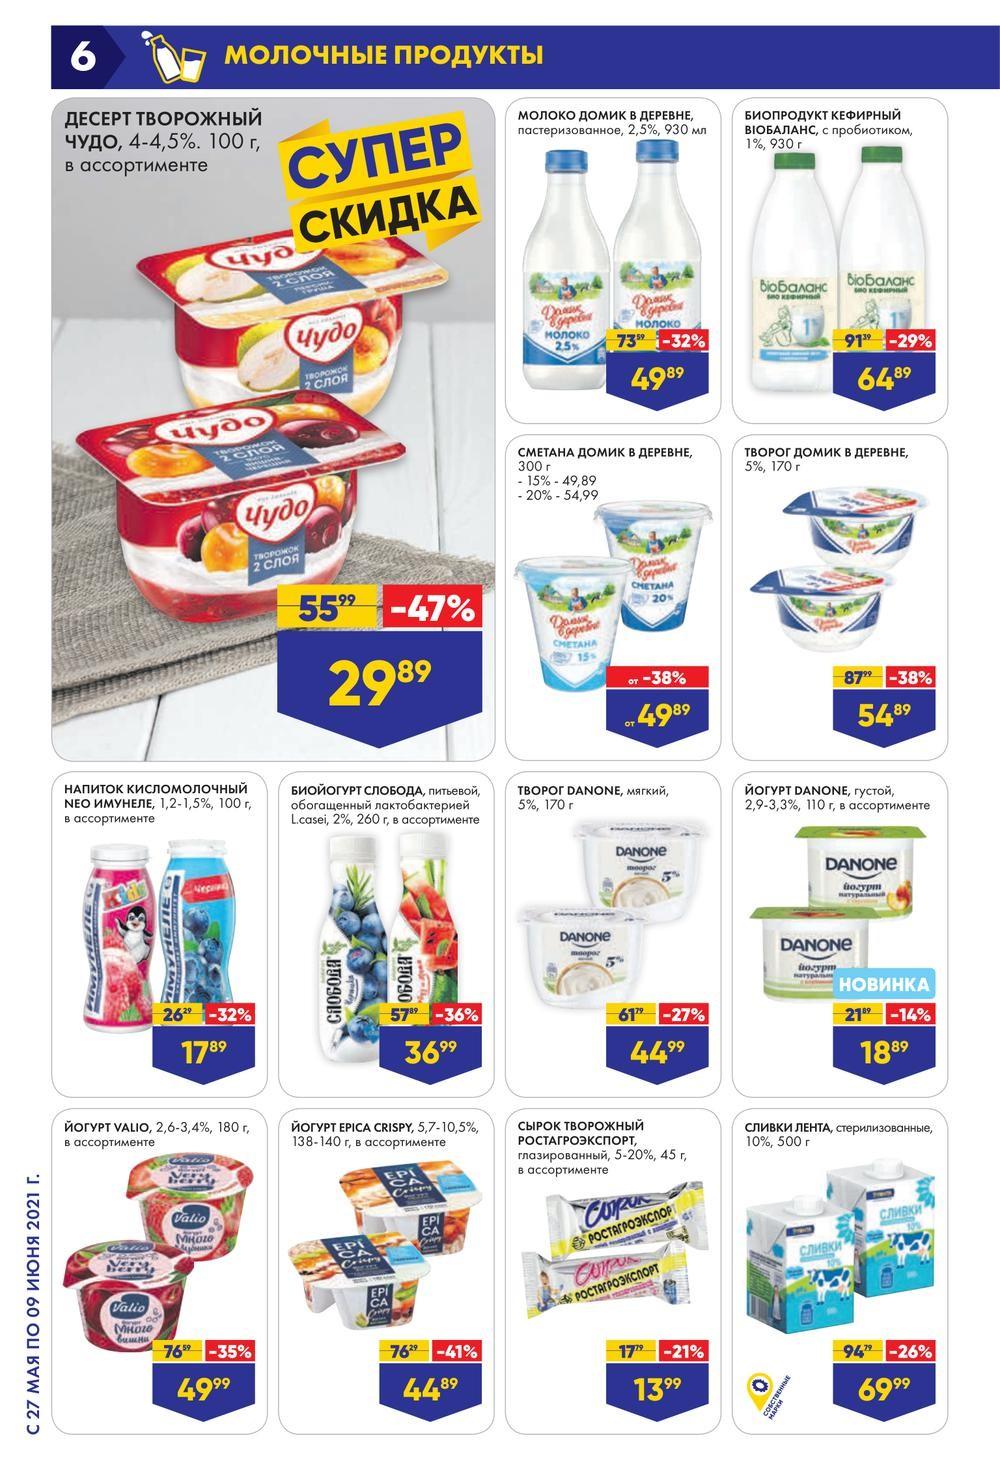 Супермаркет. Экономим с новыми ценами в Ленте г. Королев